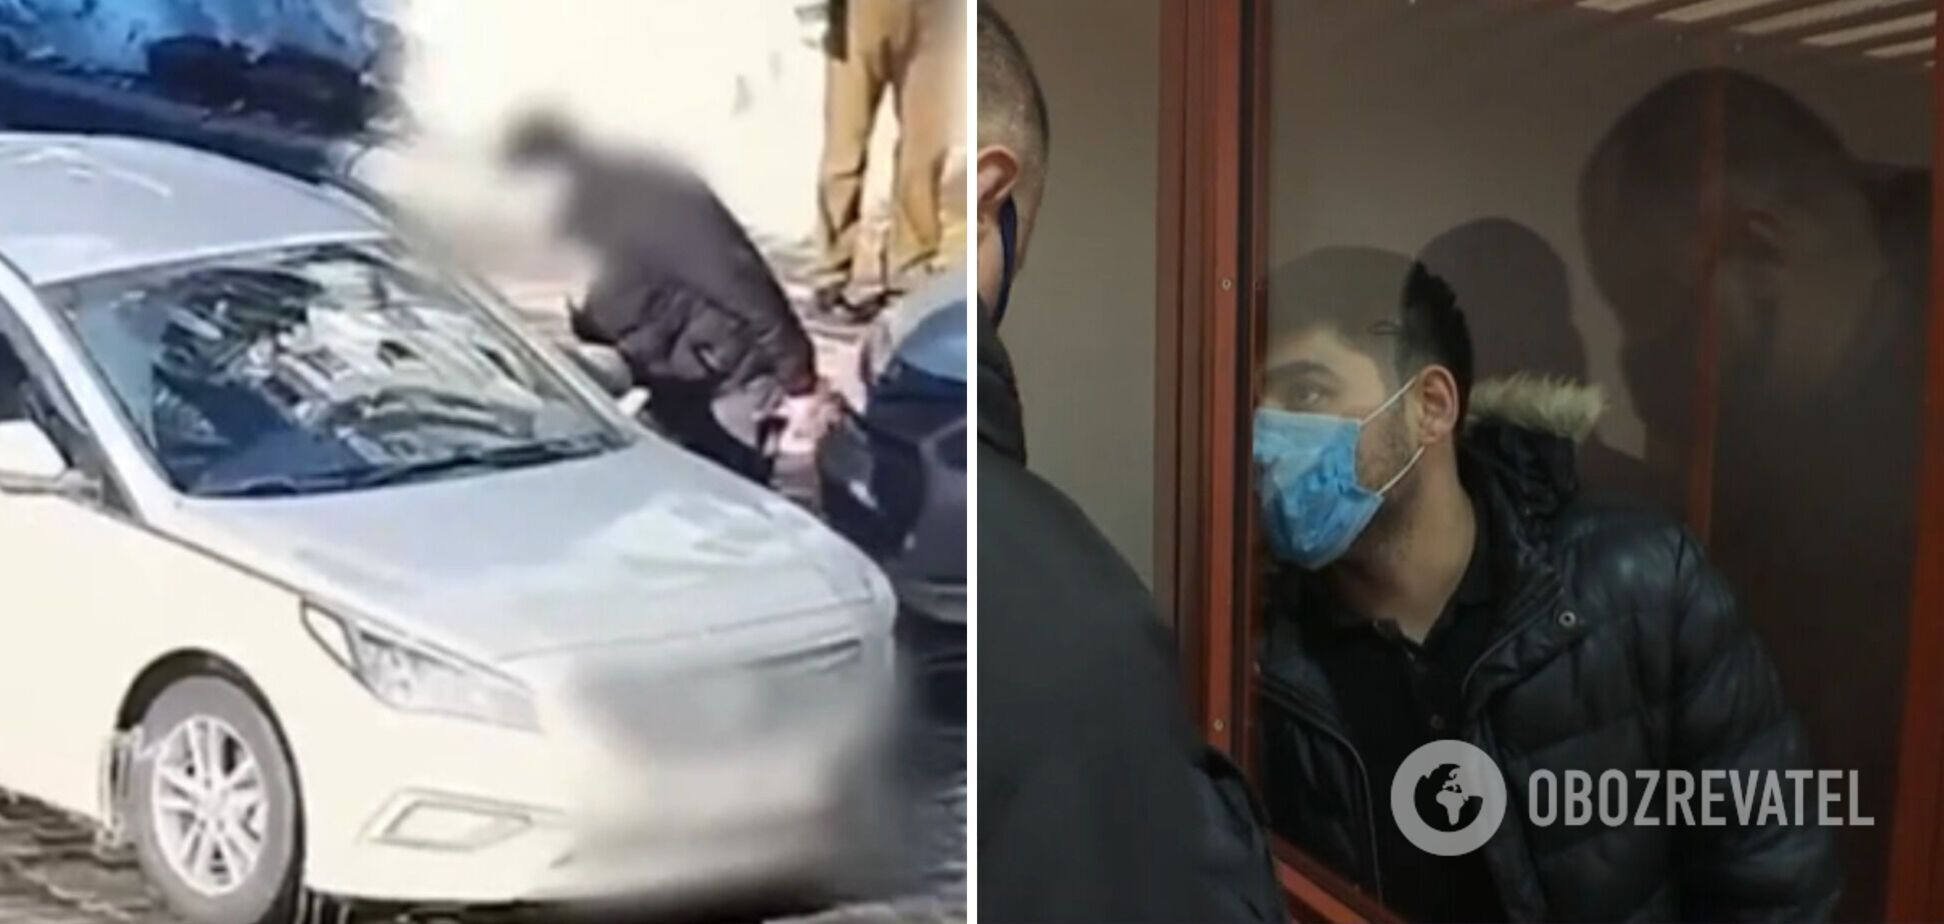 Адвокат просив для підозрюваного цілодобового домашнього арешту